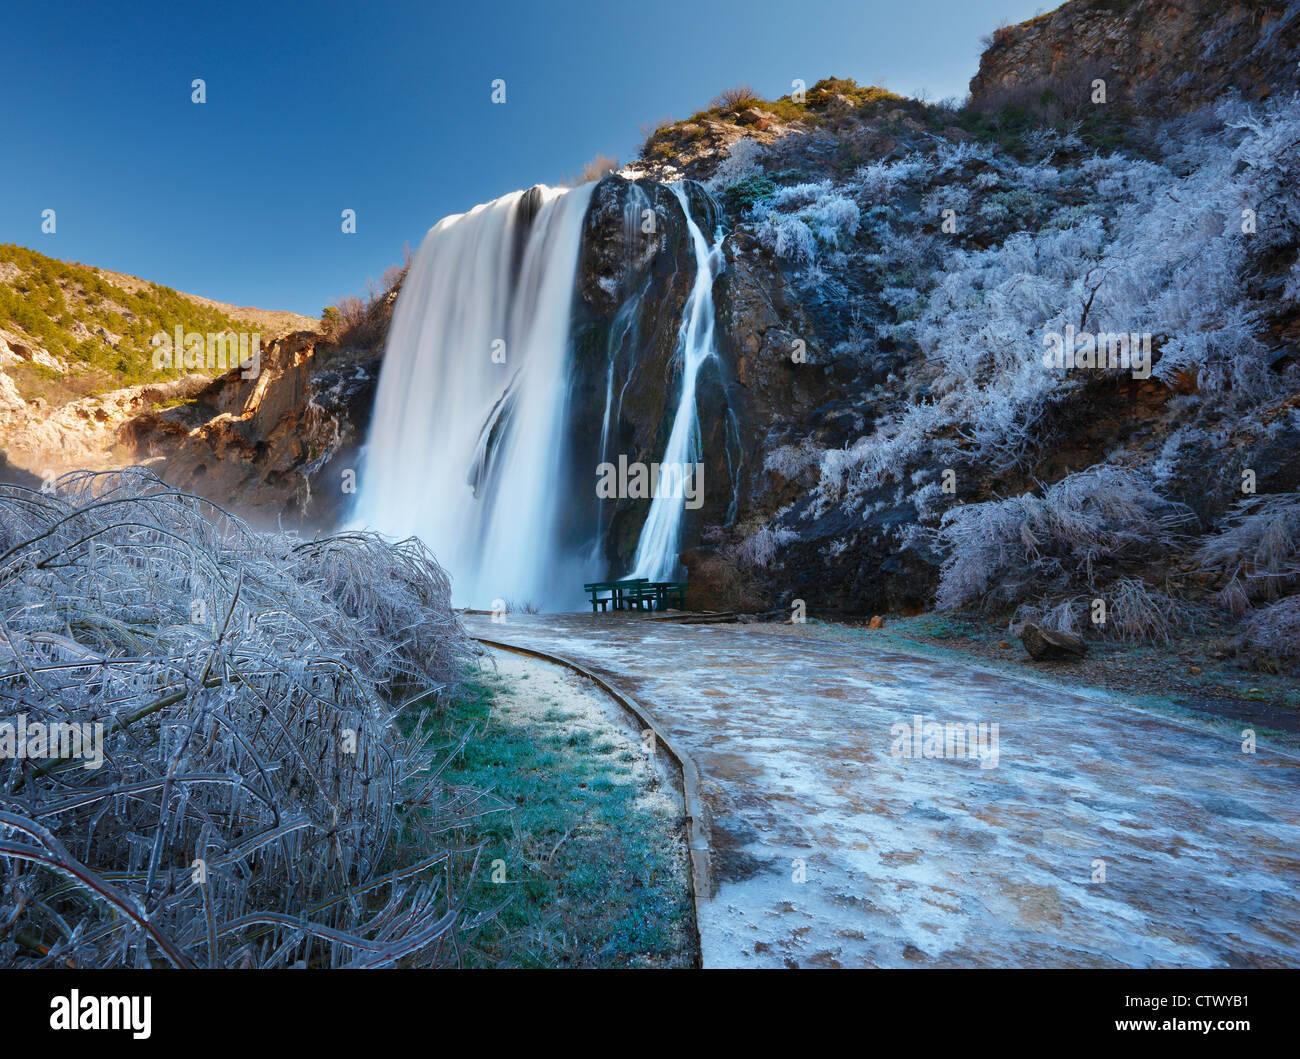 Wasserfall (Krcic) im Winter, in der Nähe von Knin Kroatien Stockbild